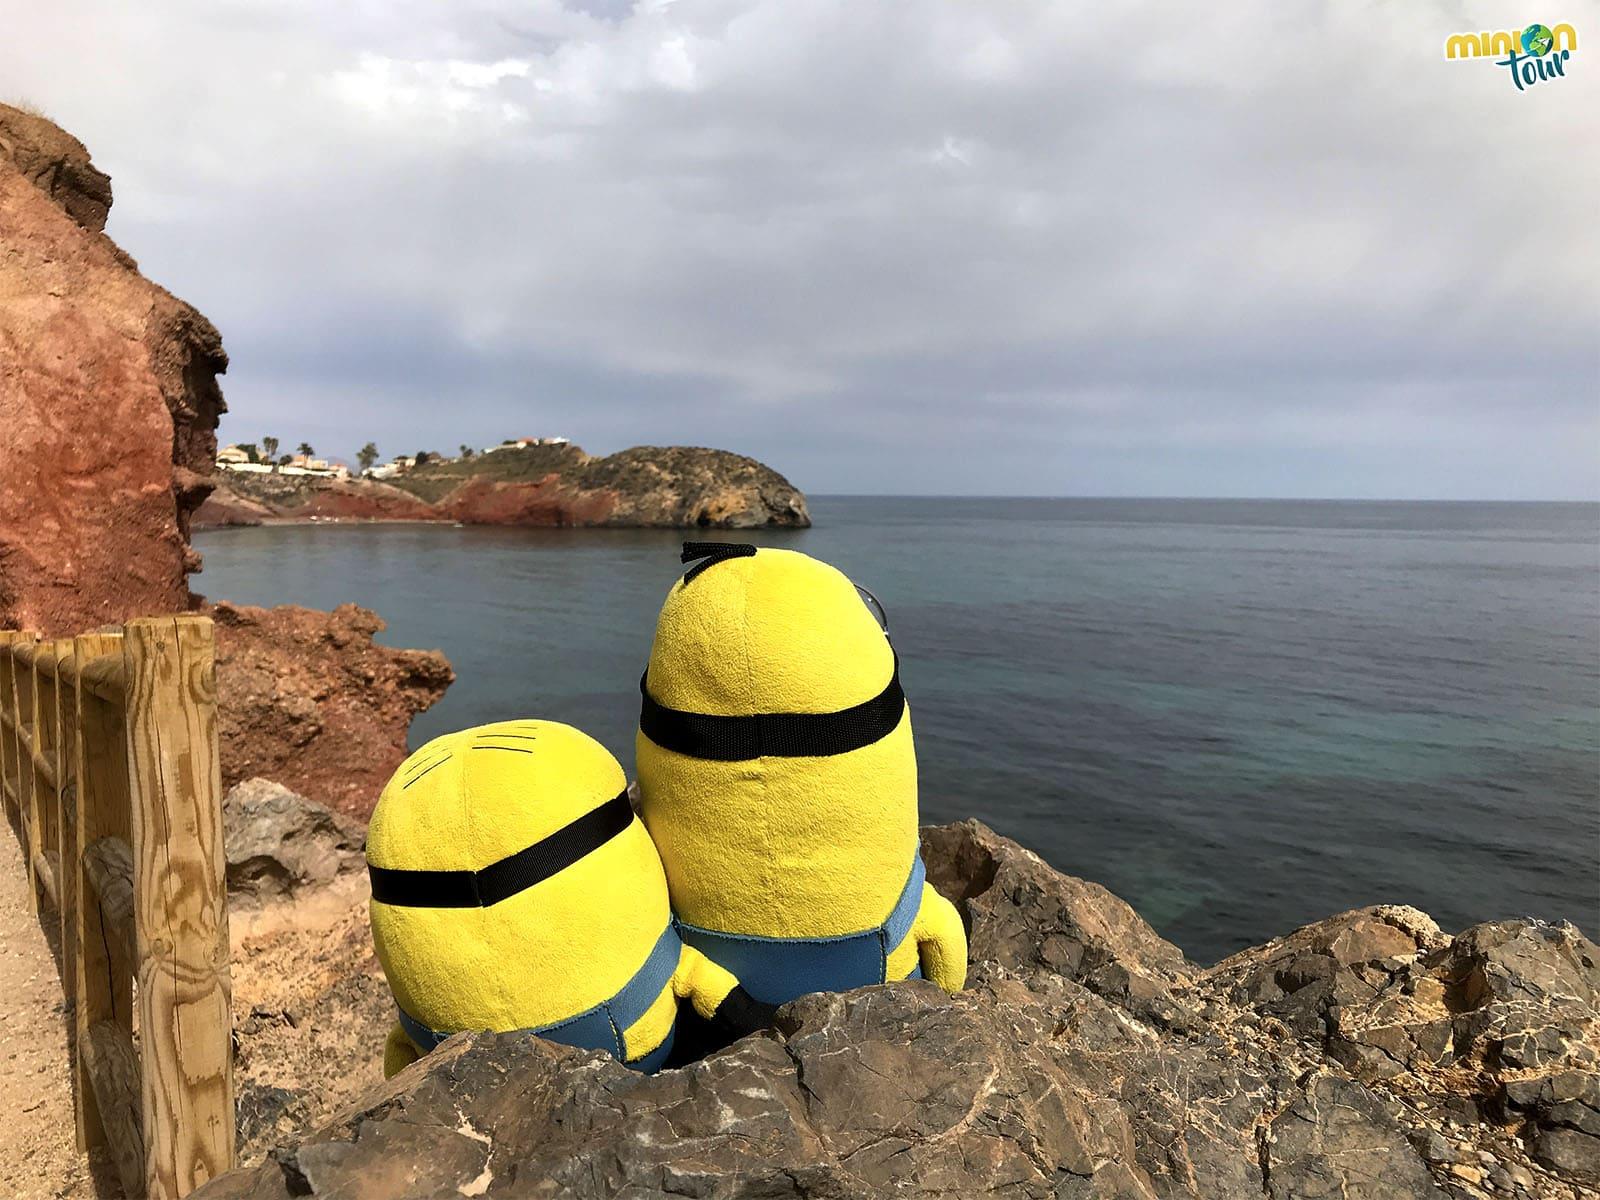 Observando el Mar Mediterráneo